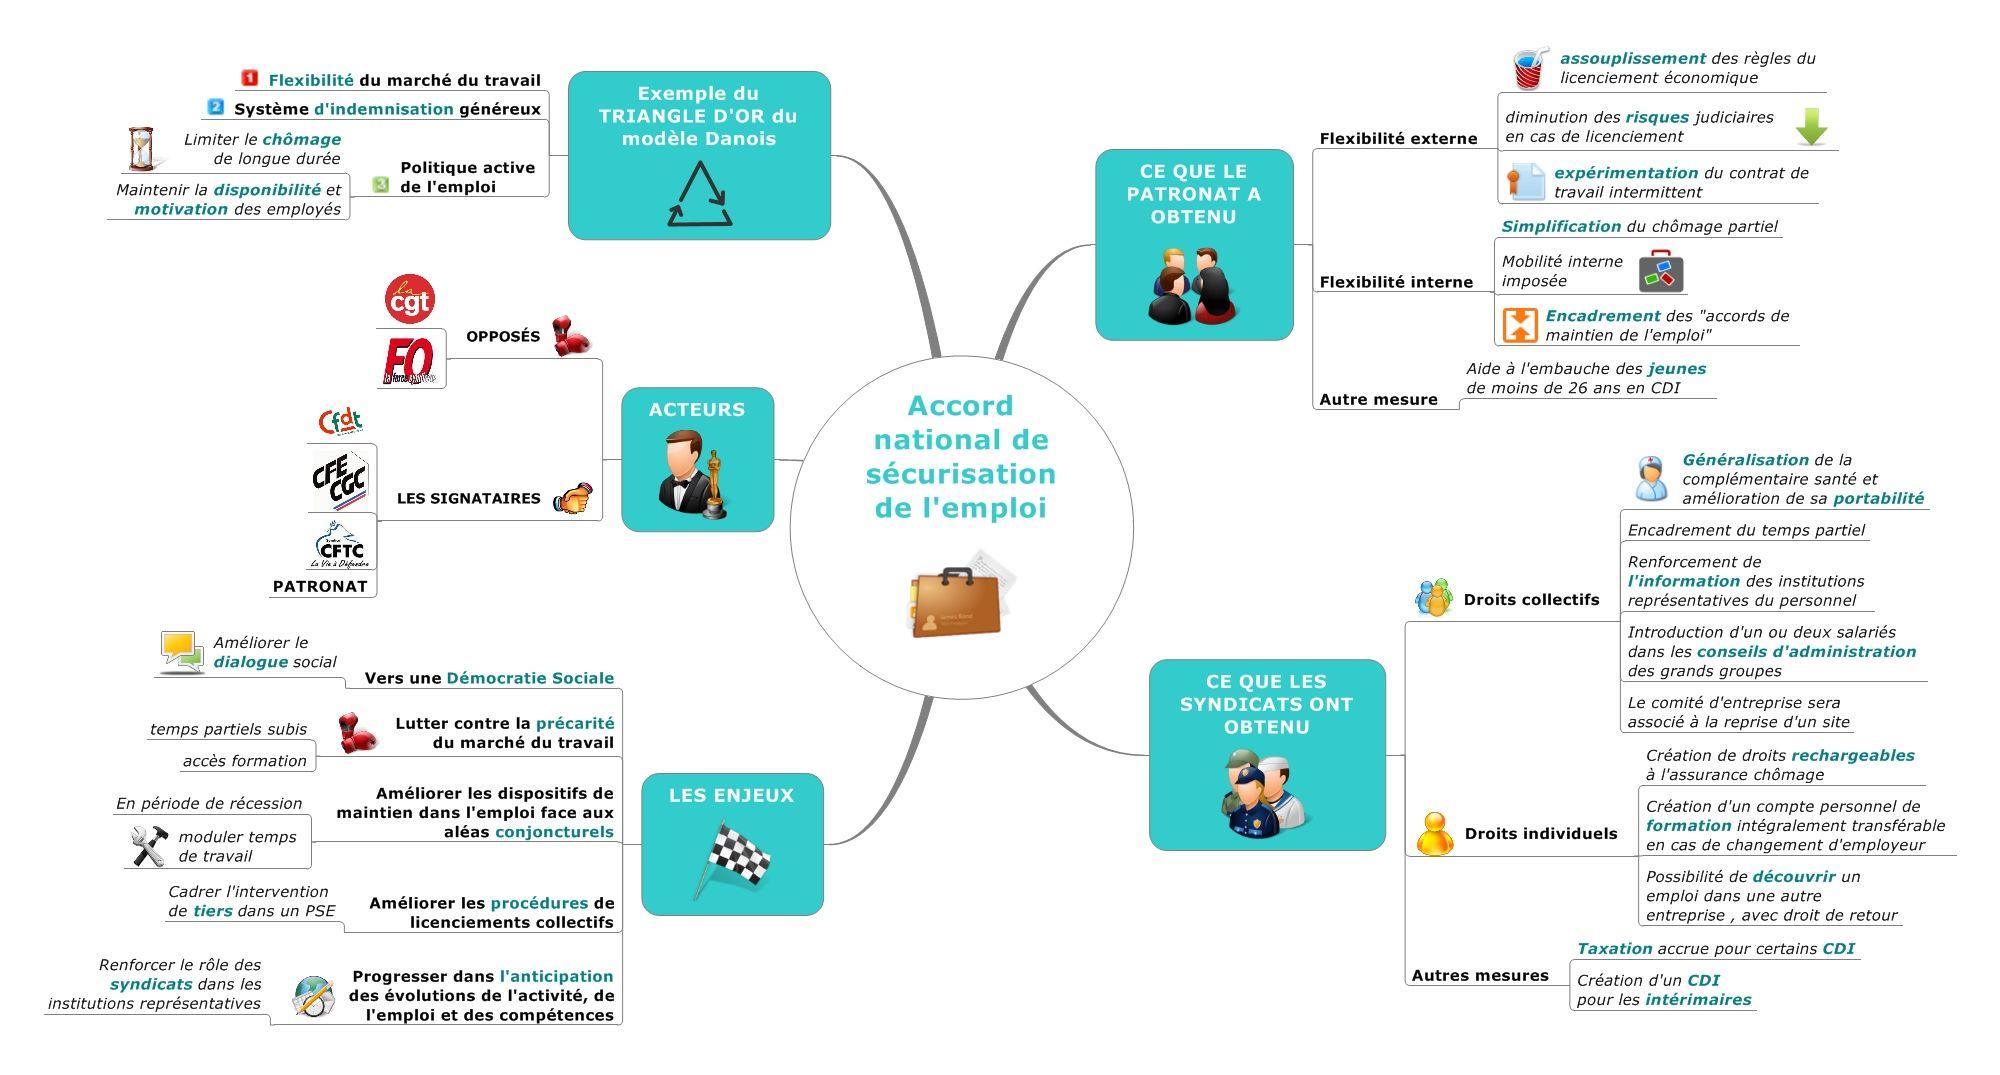 L Accord National De La Securisation De L Emploi Pour Consulter La Map Heuristique Carte Heuristique Carte Mentale